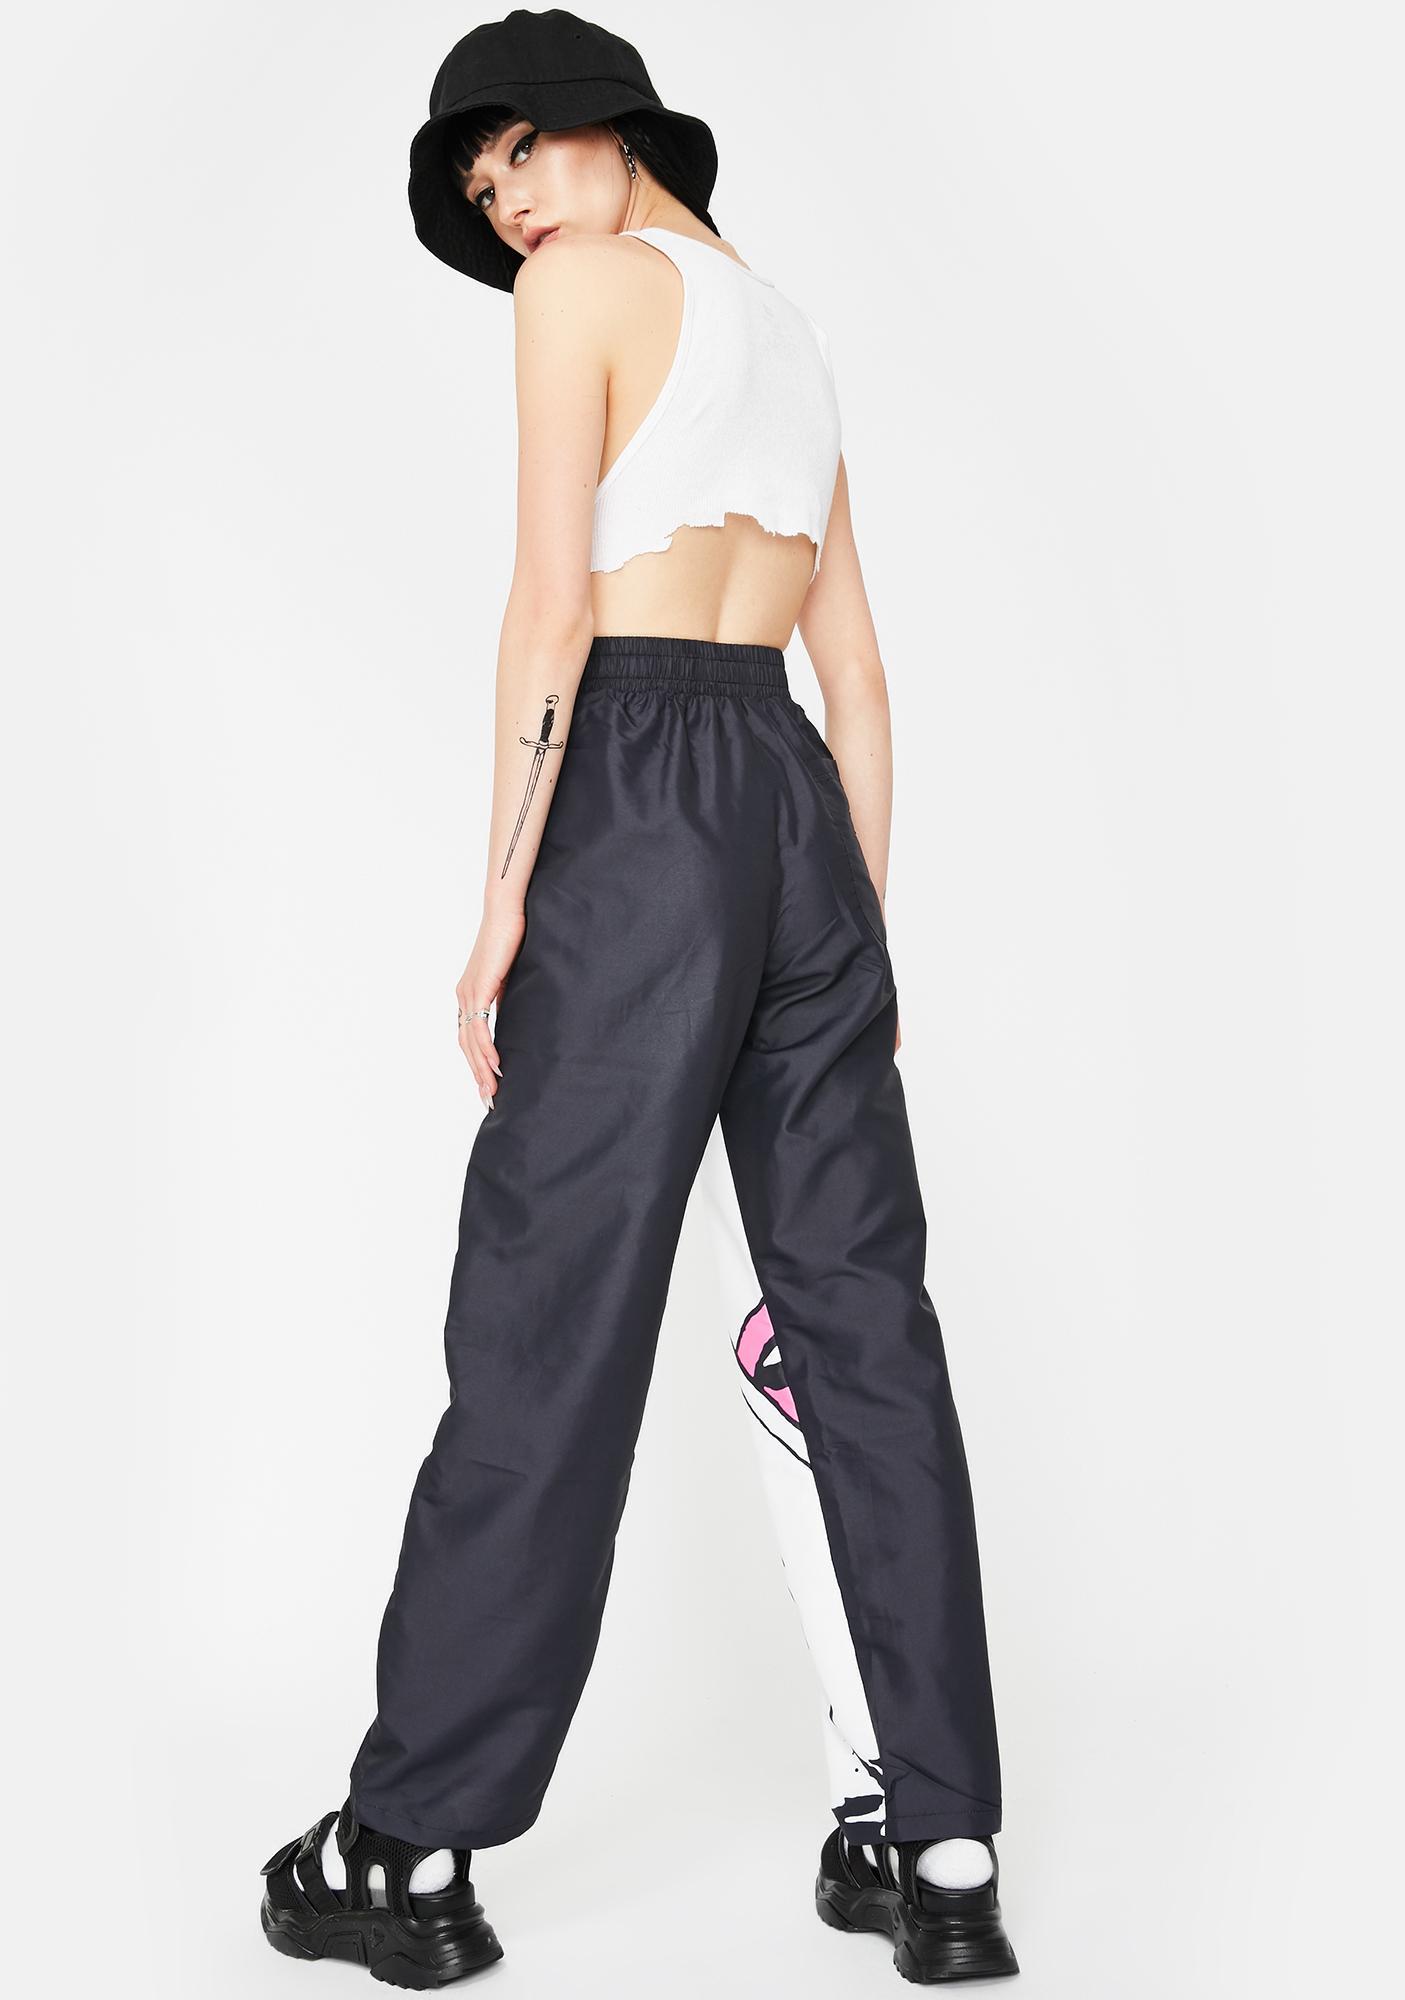 CHINATOWN MARKET Cry Lounge Pants